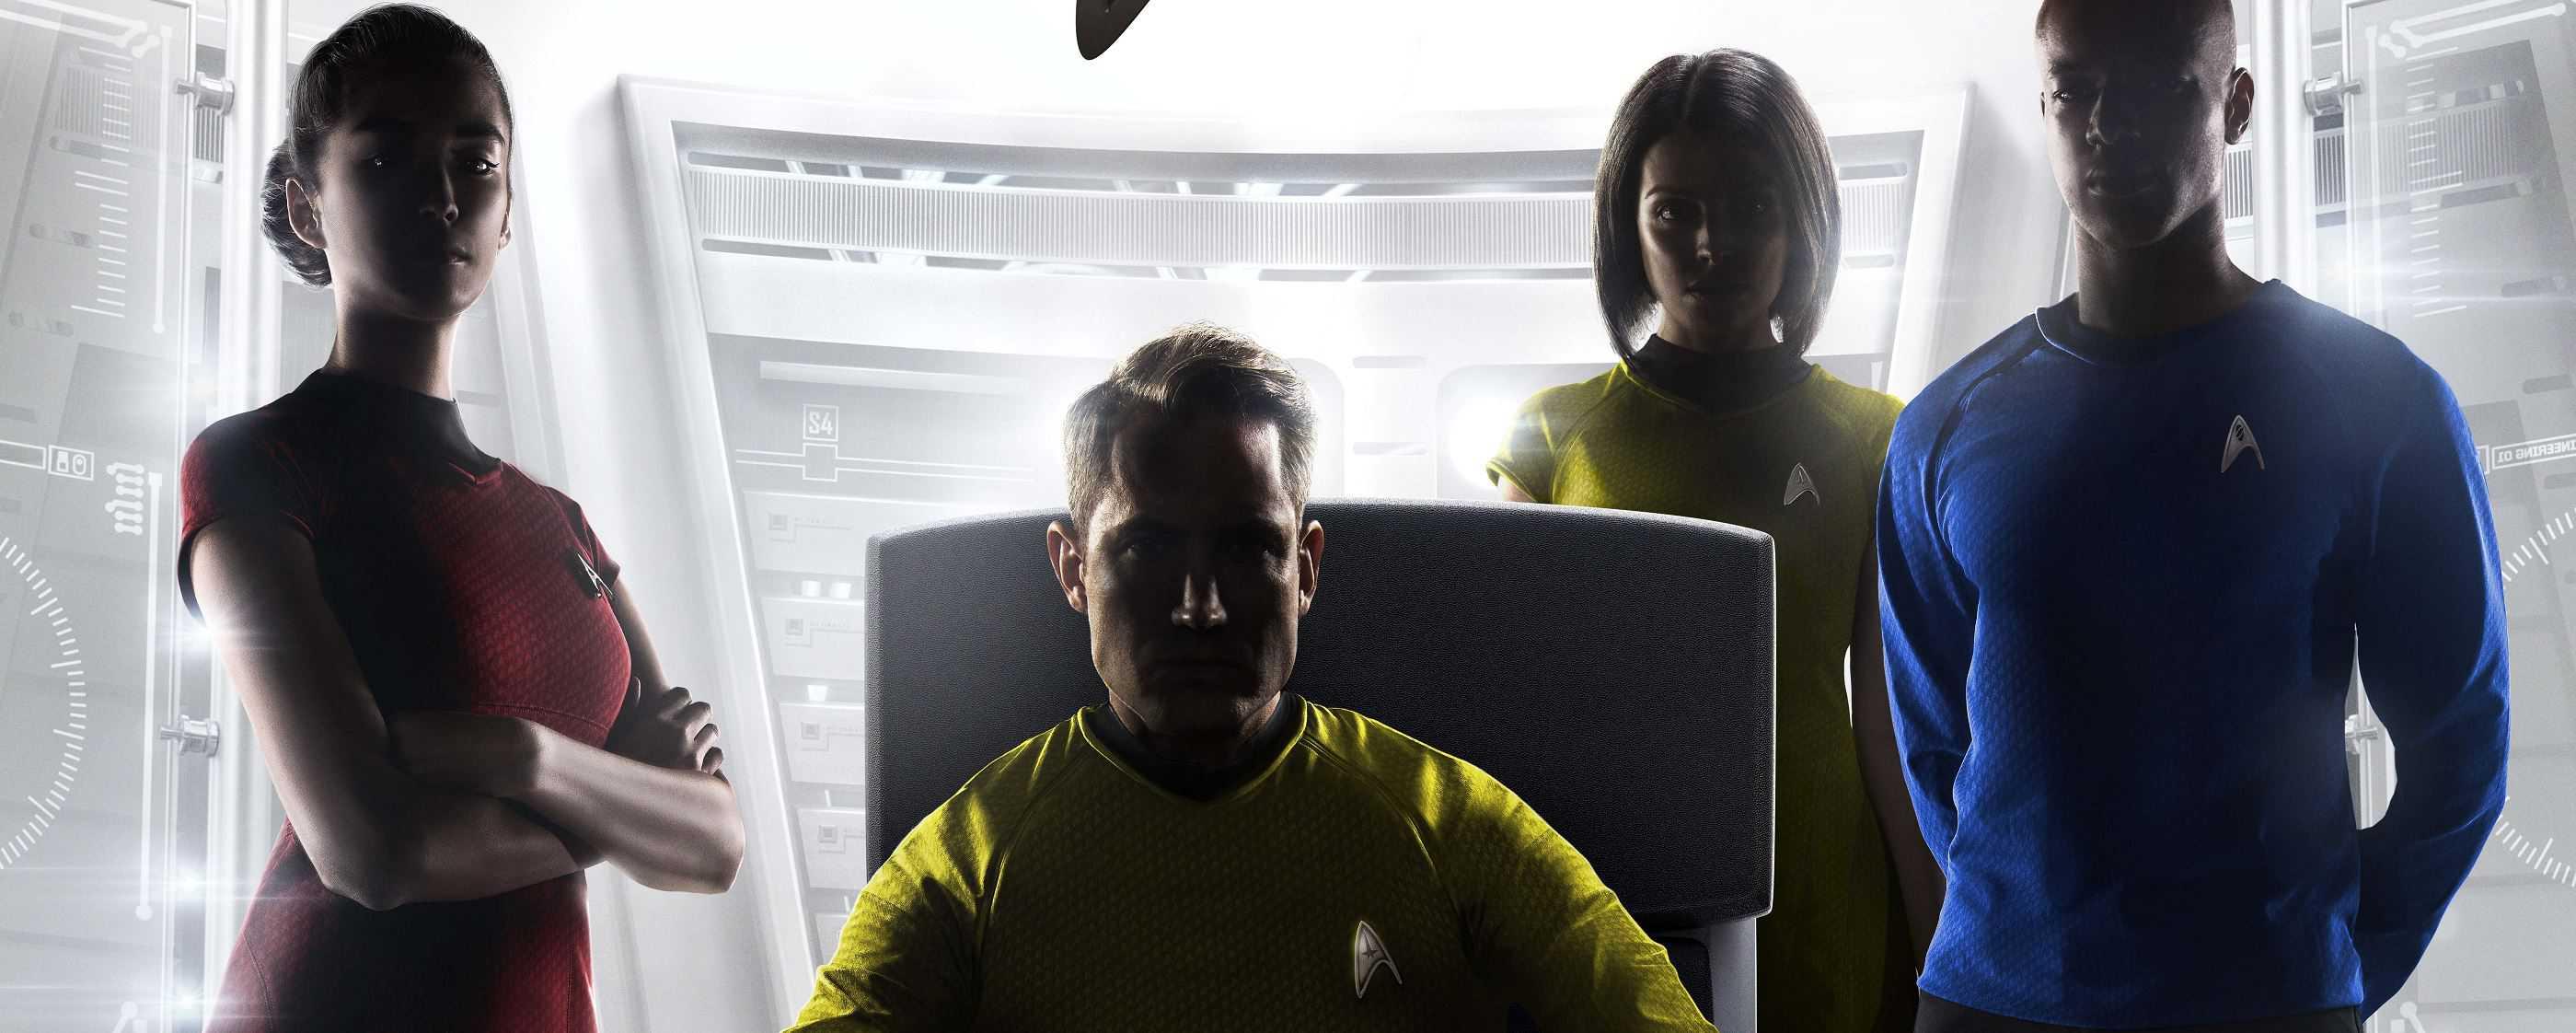 Star Trek Bridge Crew - Star Trek Bridge Crew: disponibile anche ai giocatori senza visore VR